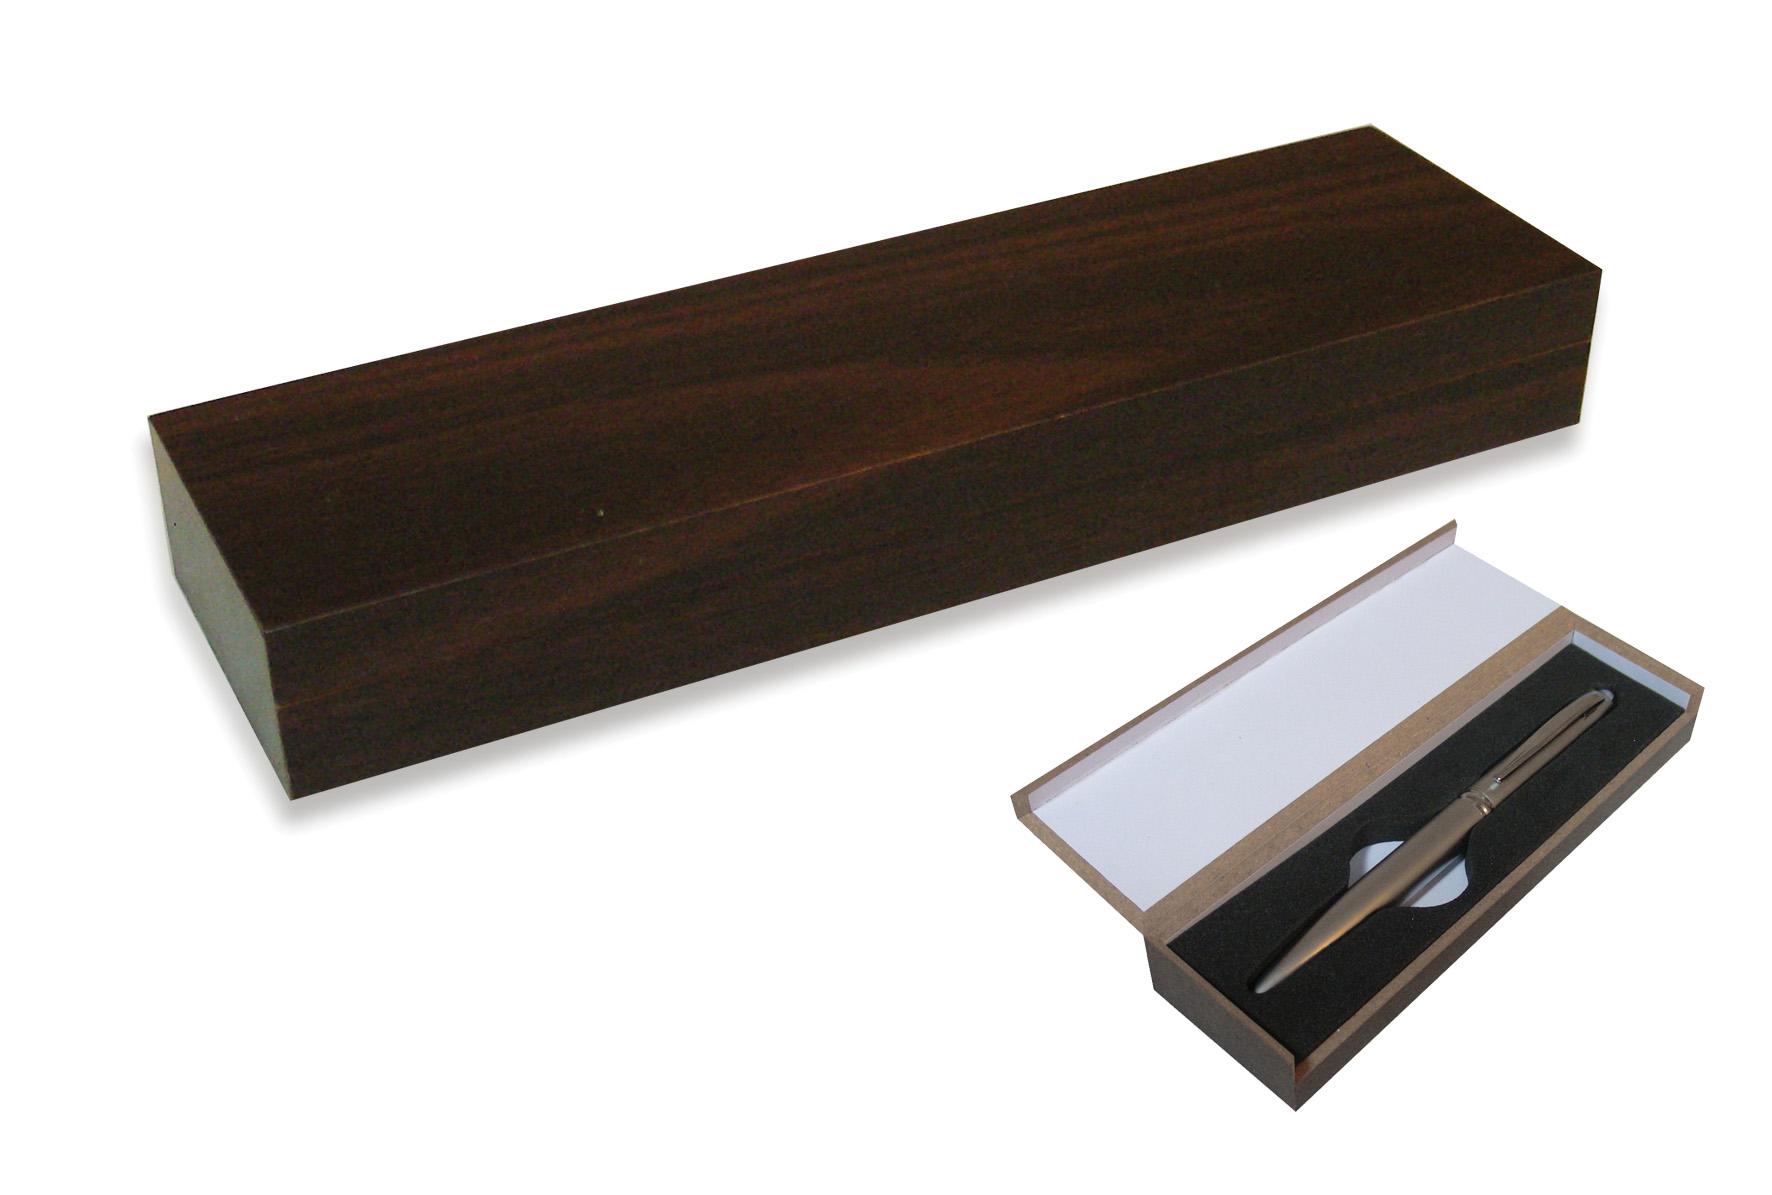 Cdo promocionales caja de regalo de madera - Cajas de madera para regalo ...